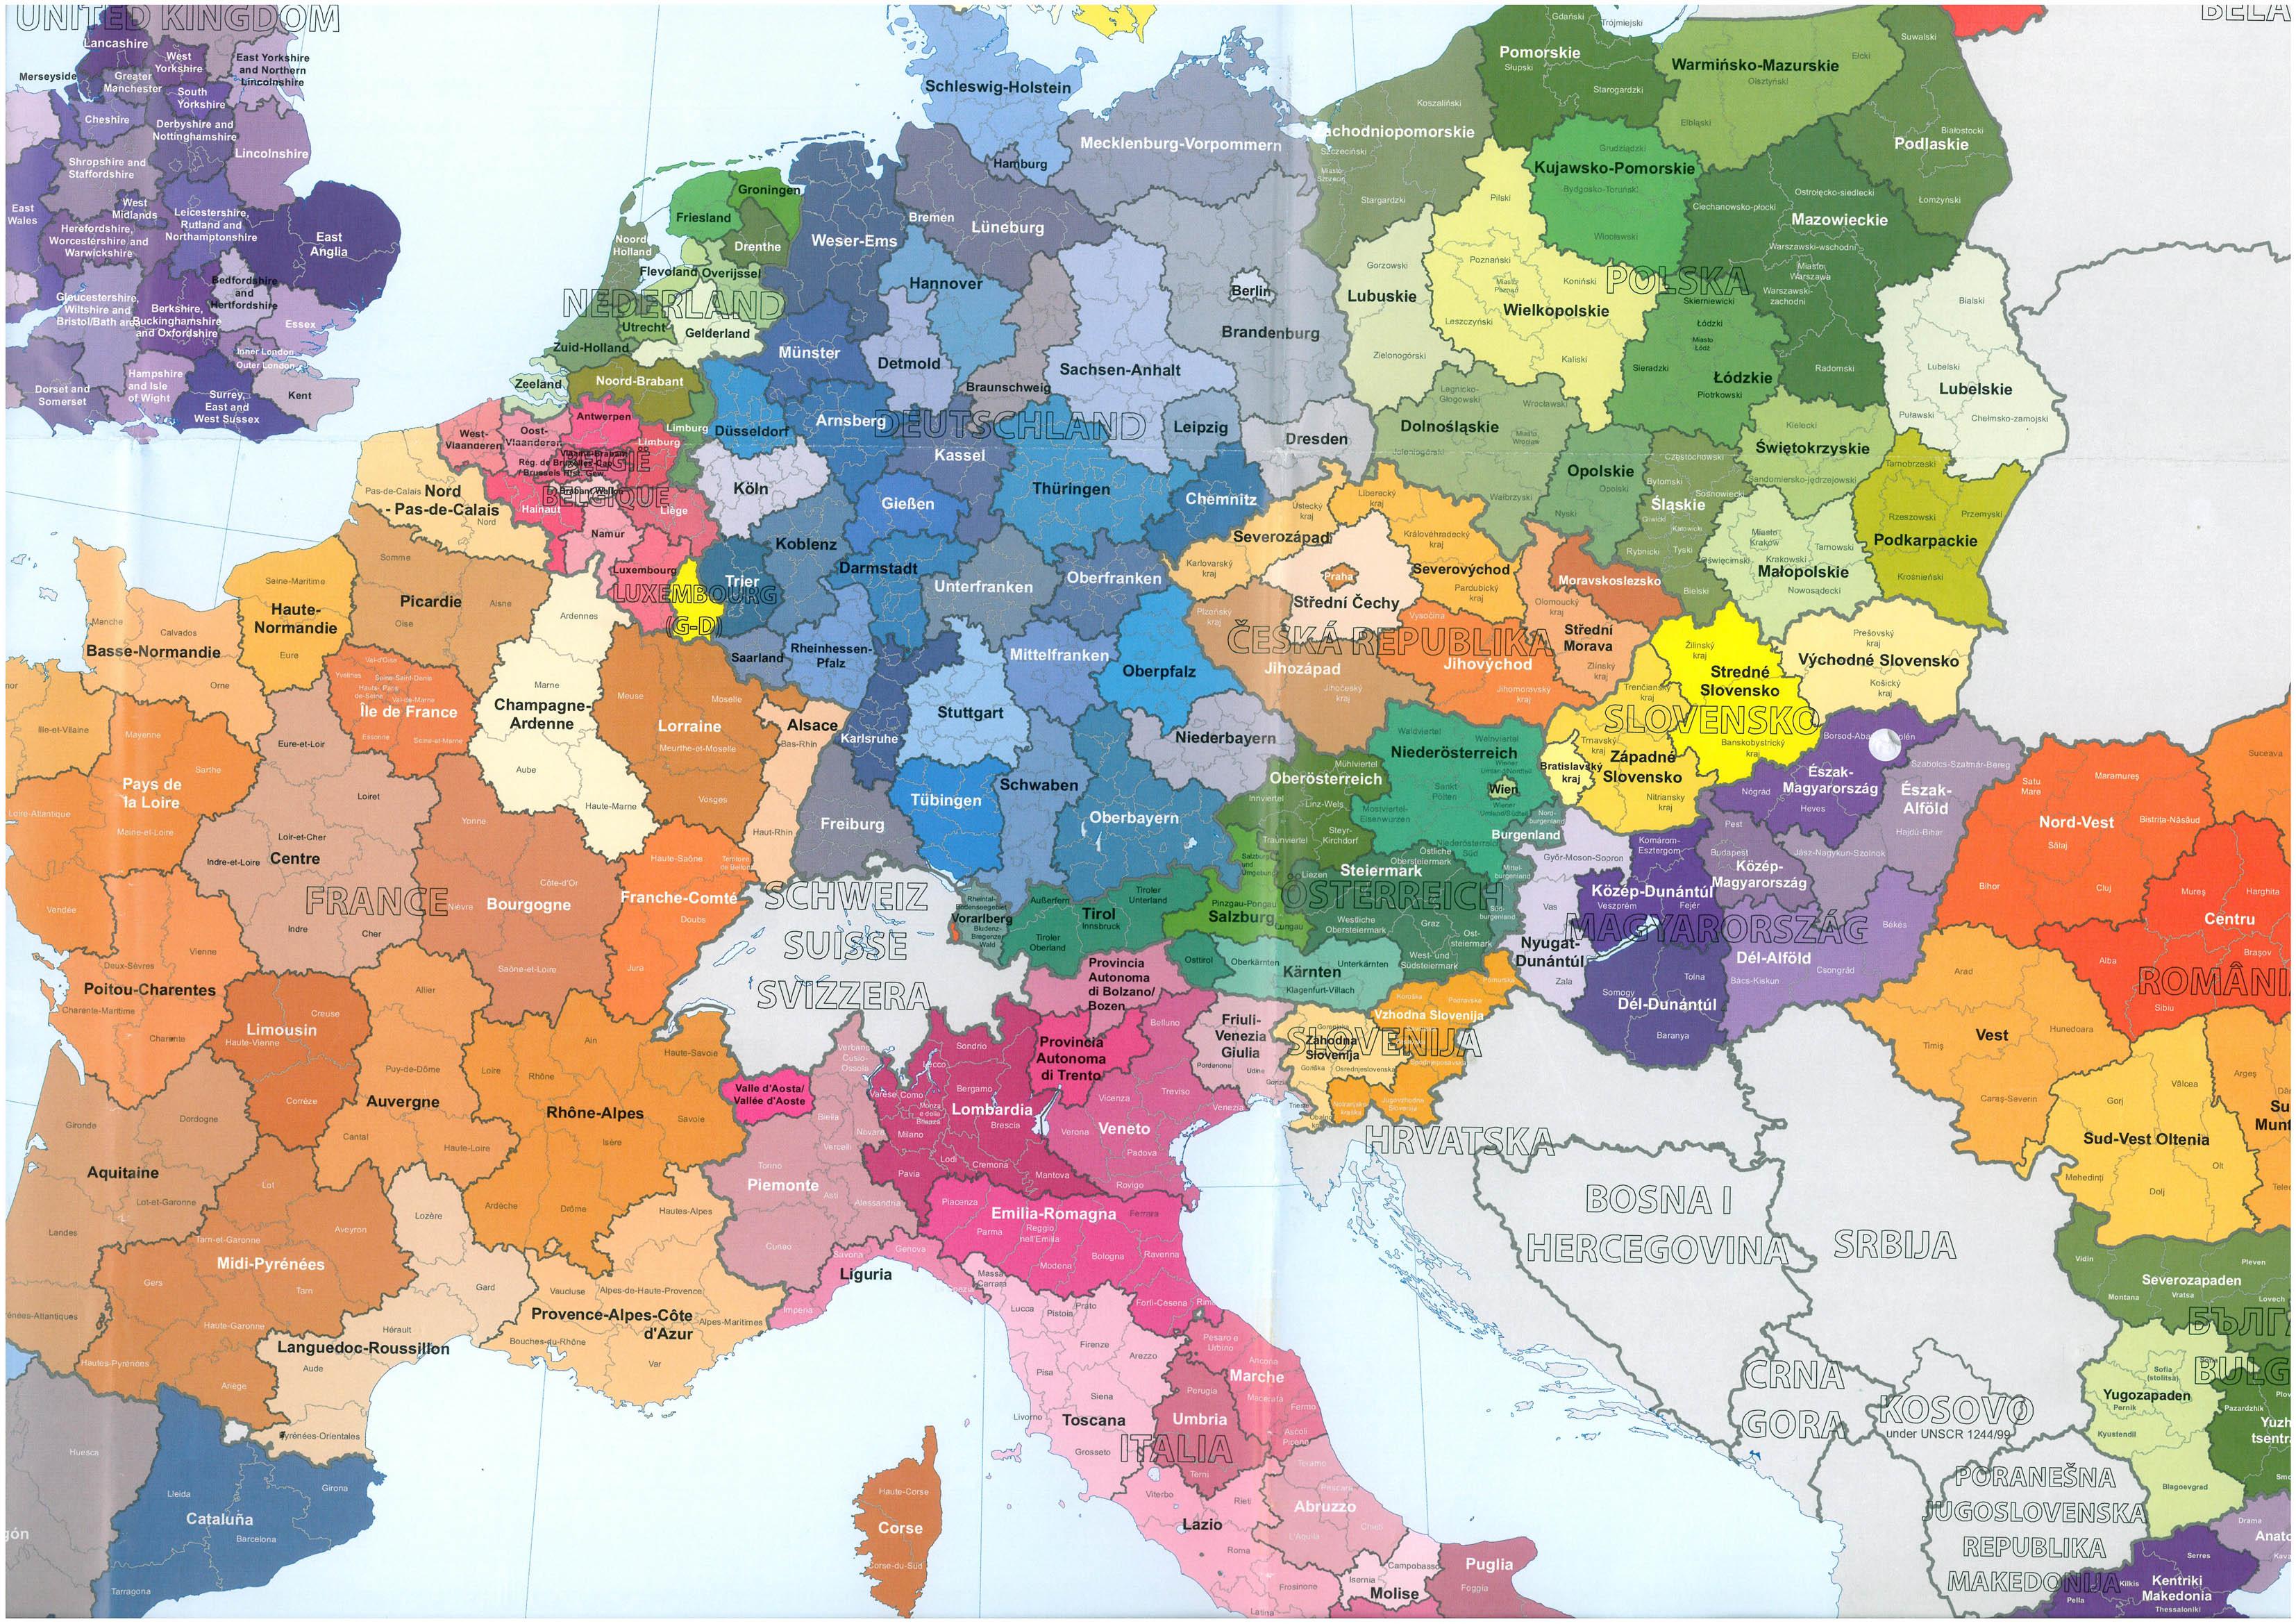 Dinu C. Giurescu despre REGIONALIZAREA EUROPEANA: SPARGEREA ECONOMICA SI TERITORIALA A STATELOR PENTRU DOMINATIA MULTINATIONALELOR